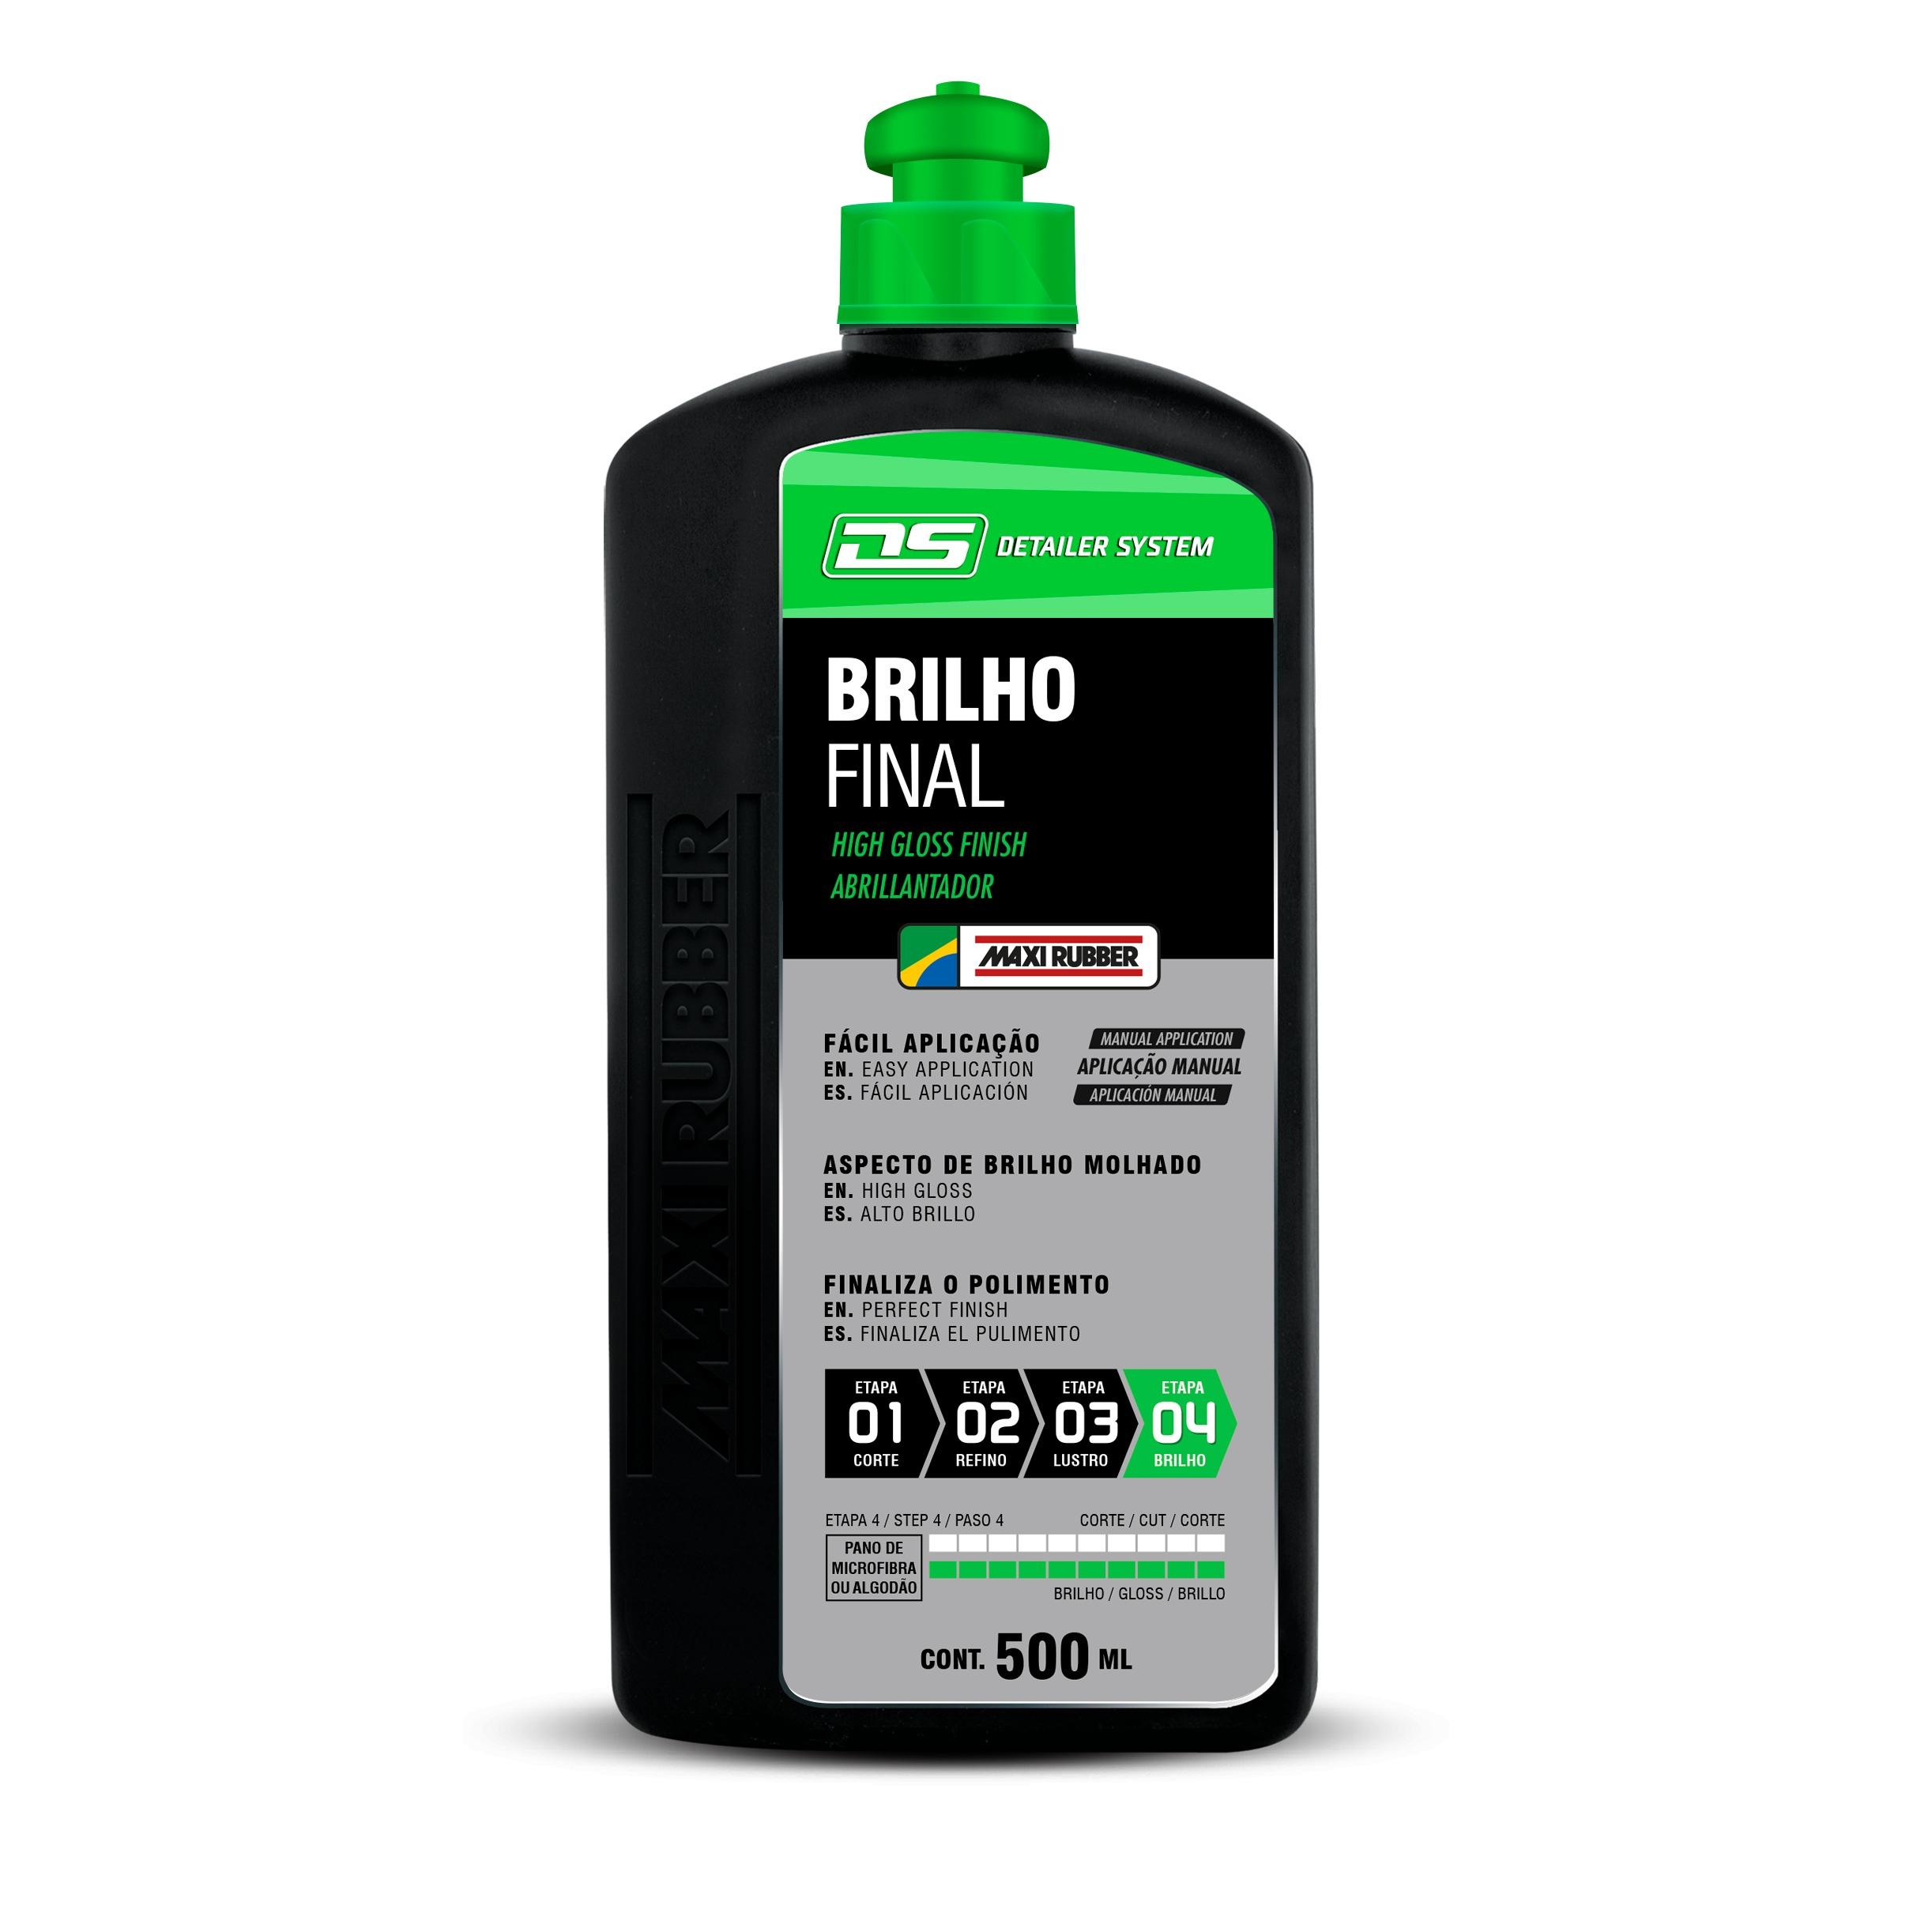 Brilho Final